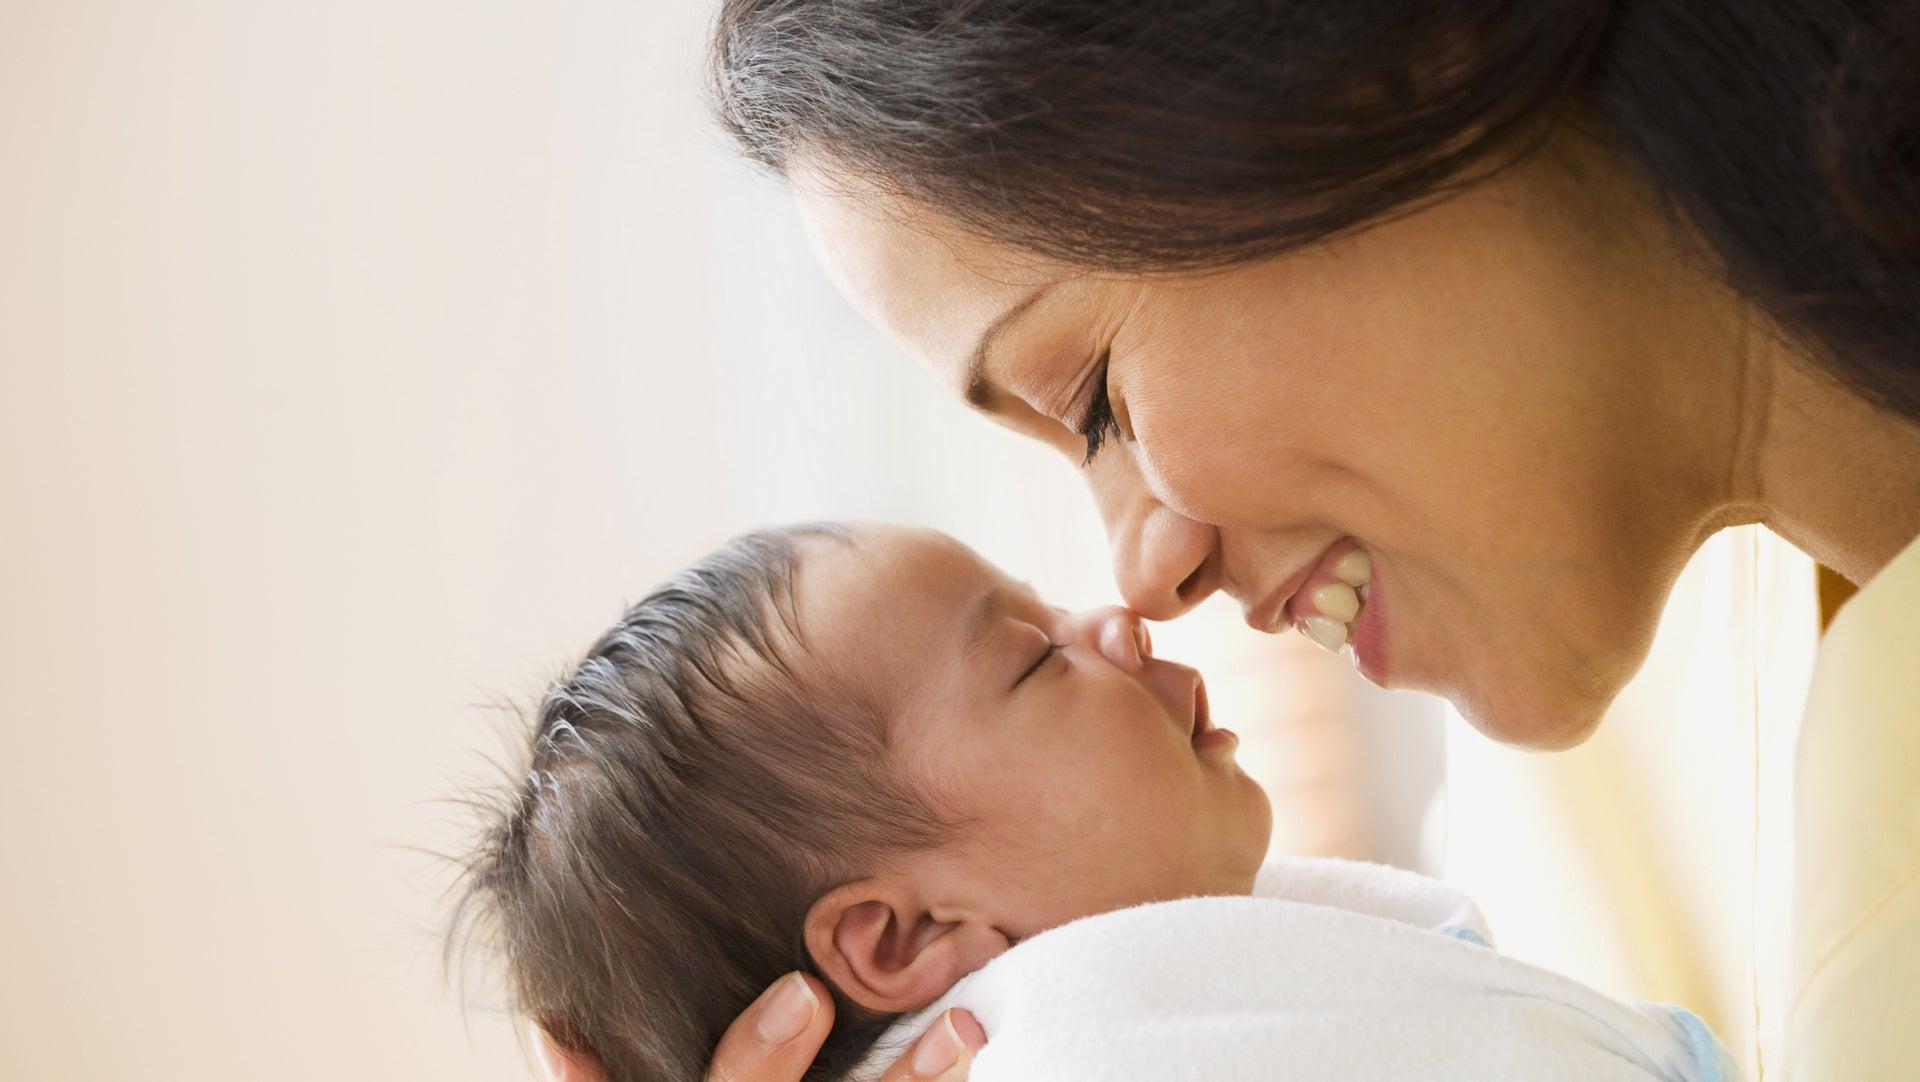 Synnytyksen ilo – synnytys ei ole pelkkää kipua